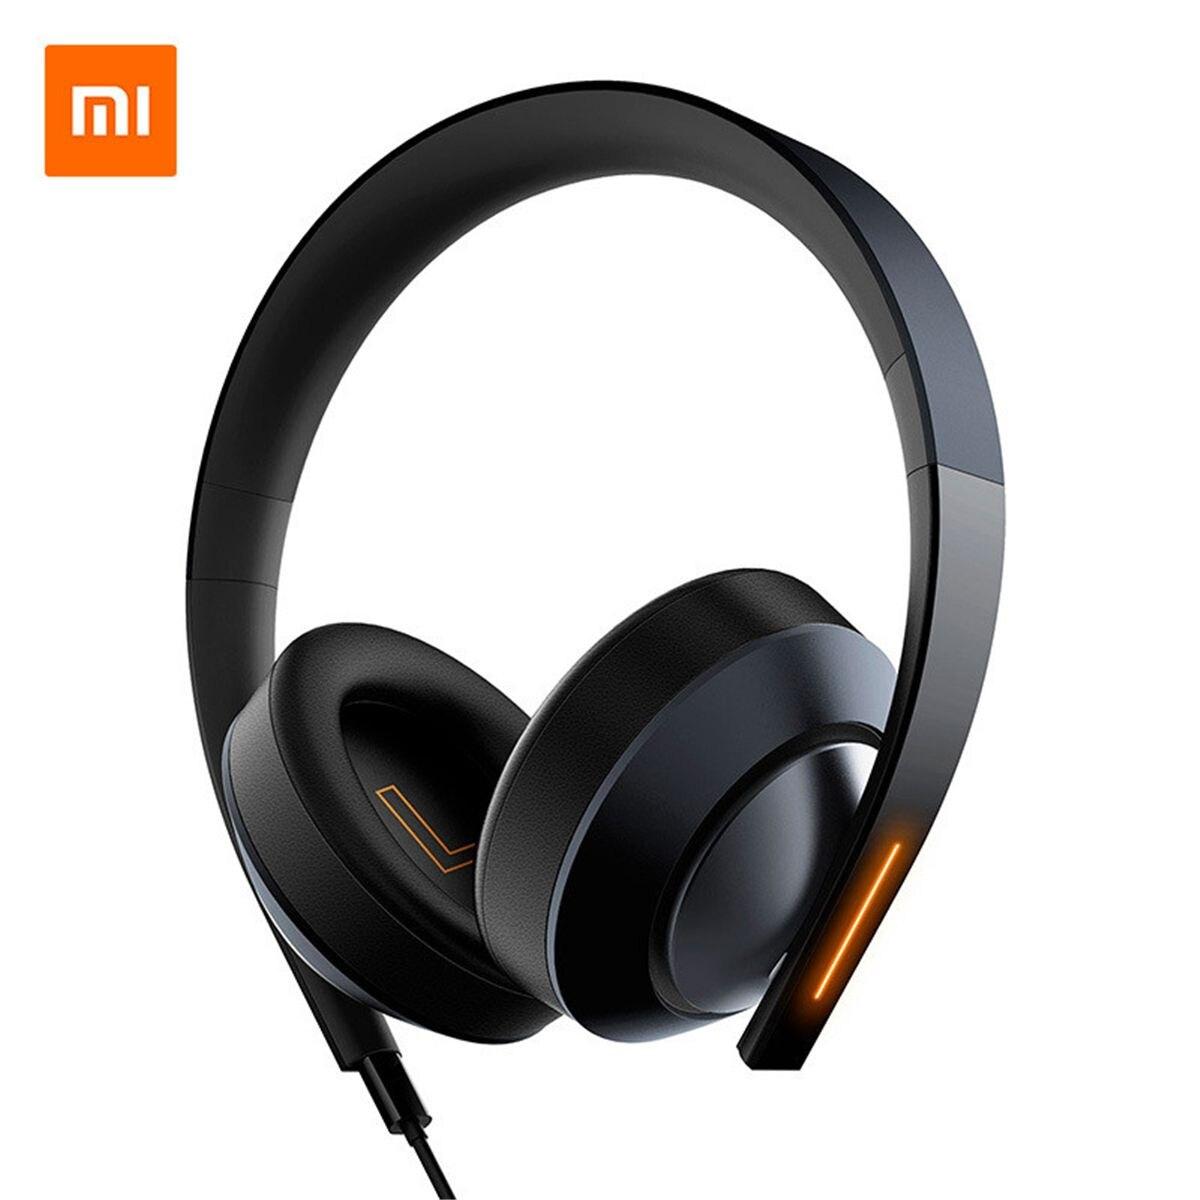 Xiao mi Ga Ga ng Fones De Ouvido 7.1 mi mi mi ng Surround Virtual de fone de Ouvido de Redução de Ruído Baixo Pesado fone de Ouvido Estéreo para PC Laptop Telefone